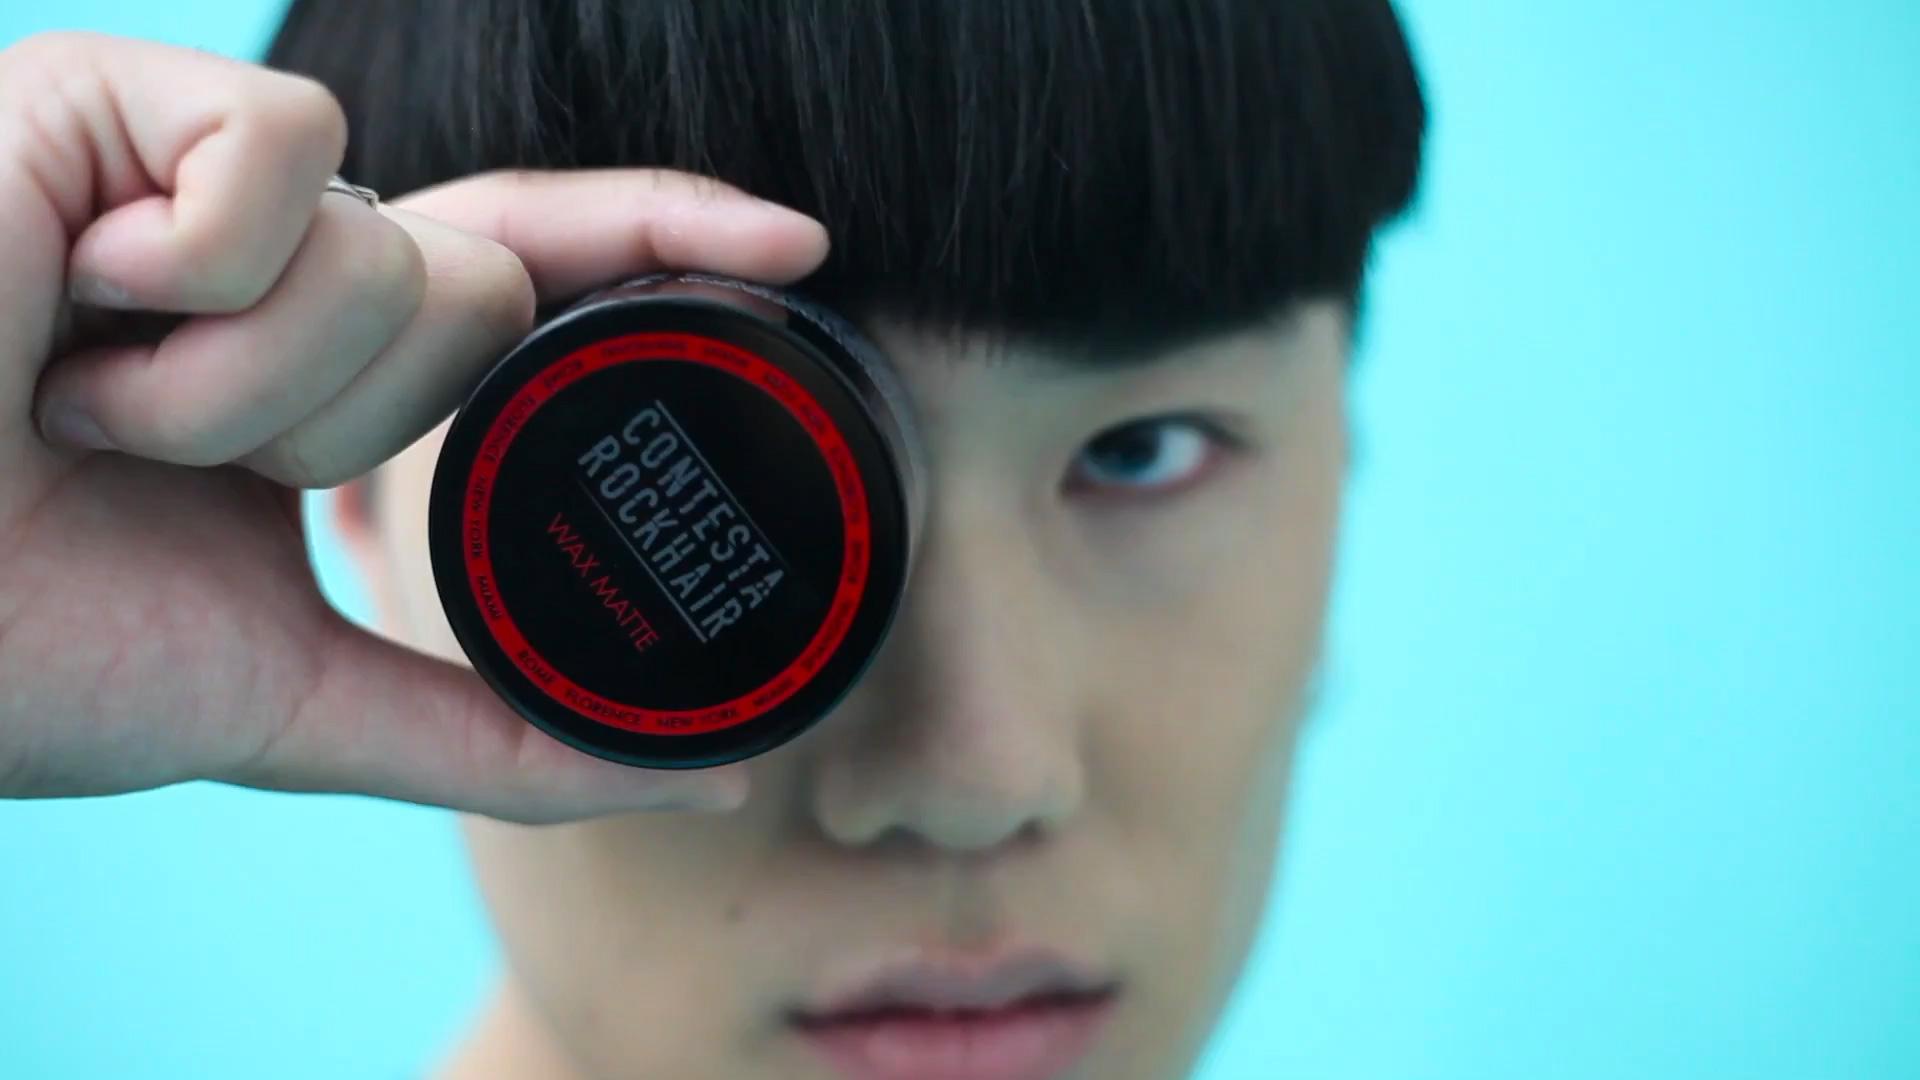 ragazzo asiatico tieni in mano la cera per capelli firmata contestarockhair negozio di parrucchiere